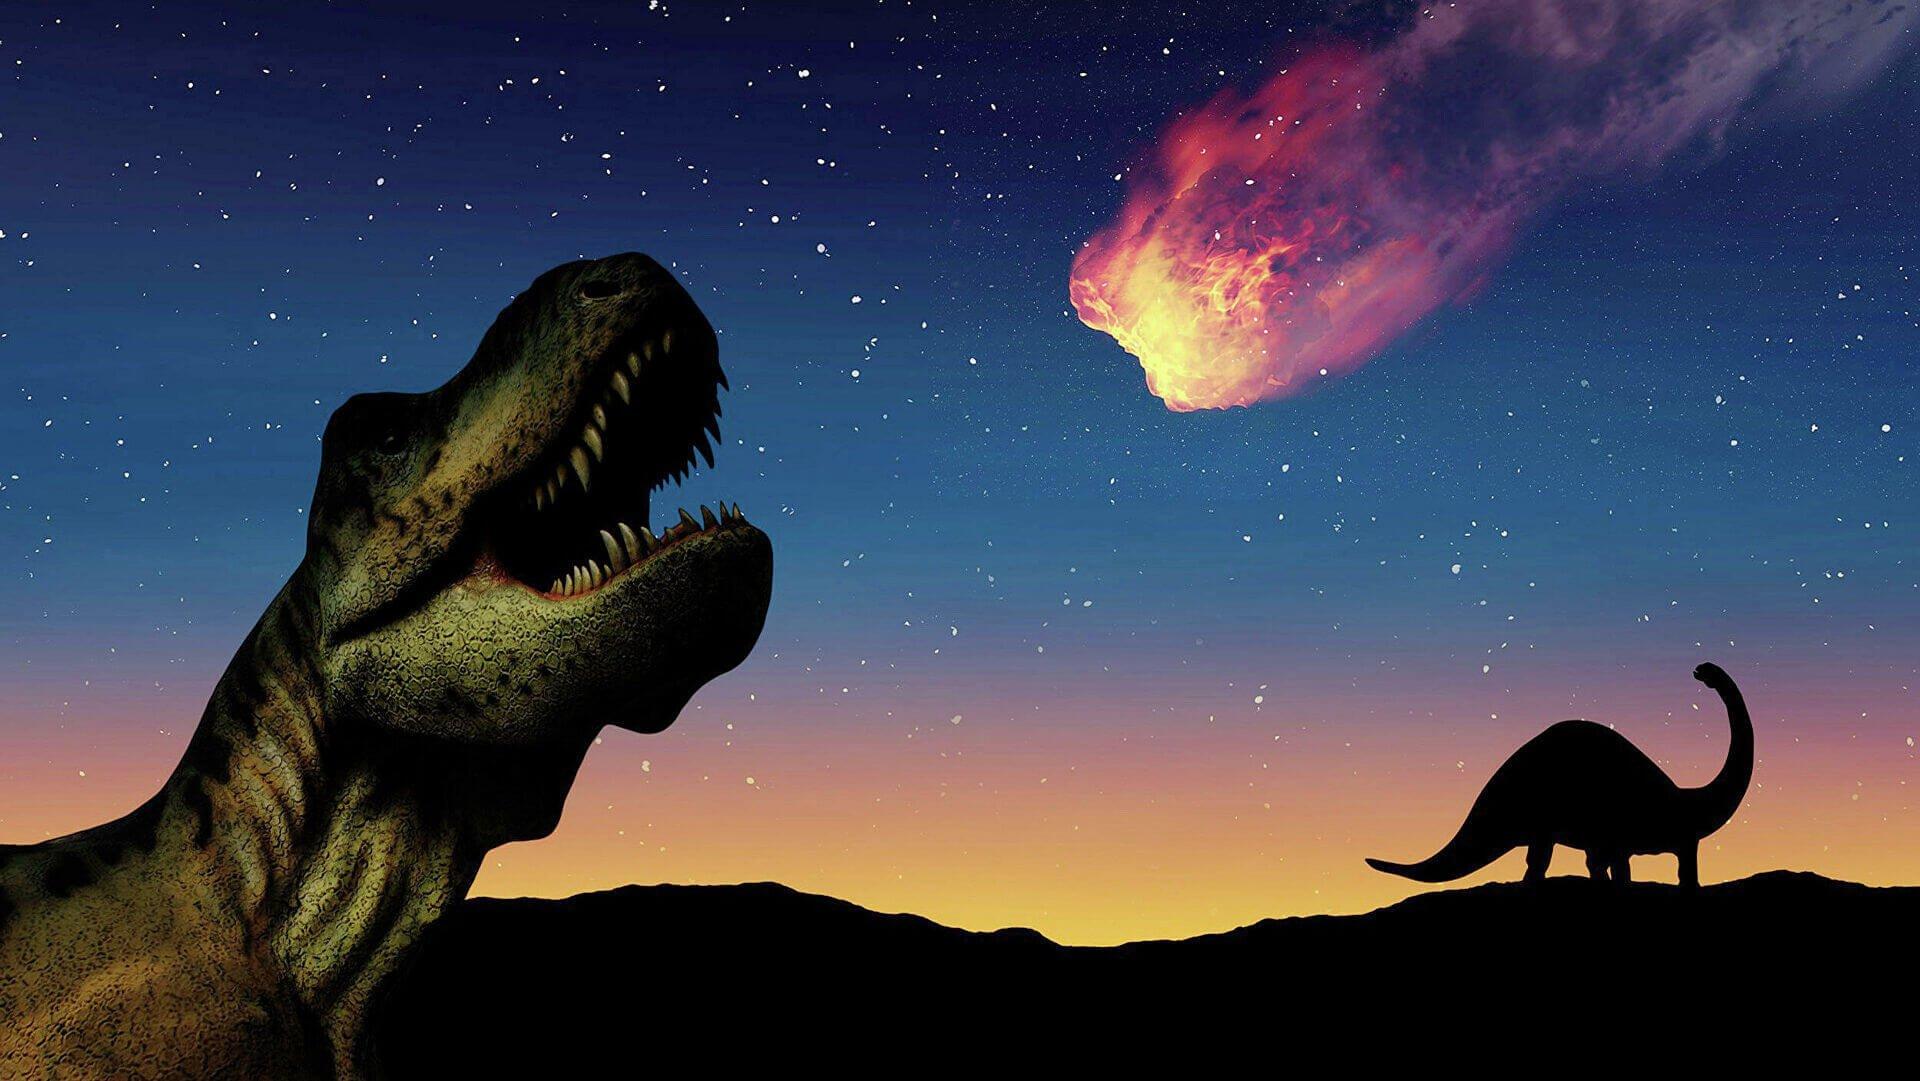 Ученые раскрыли тайну астероида Чиксулуб, который уничтожил динозавров